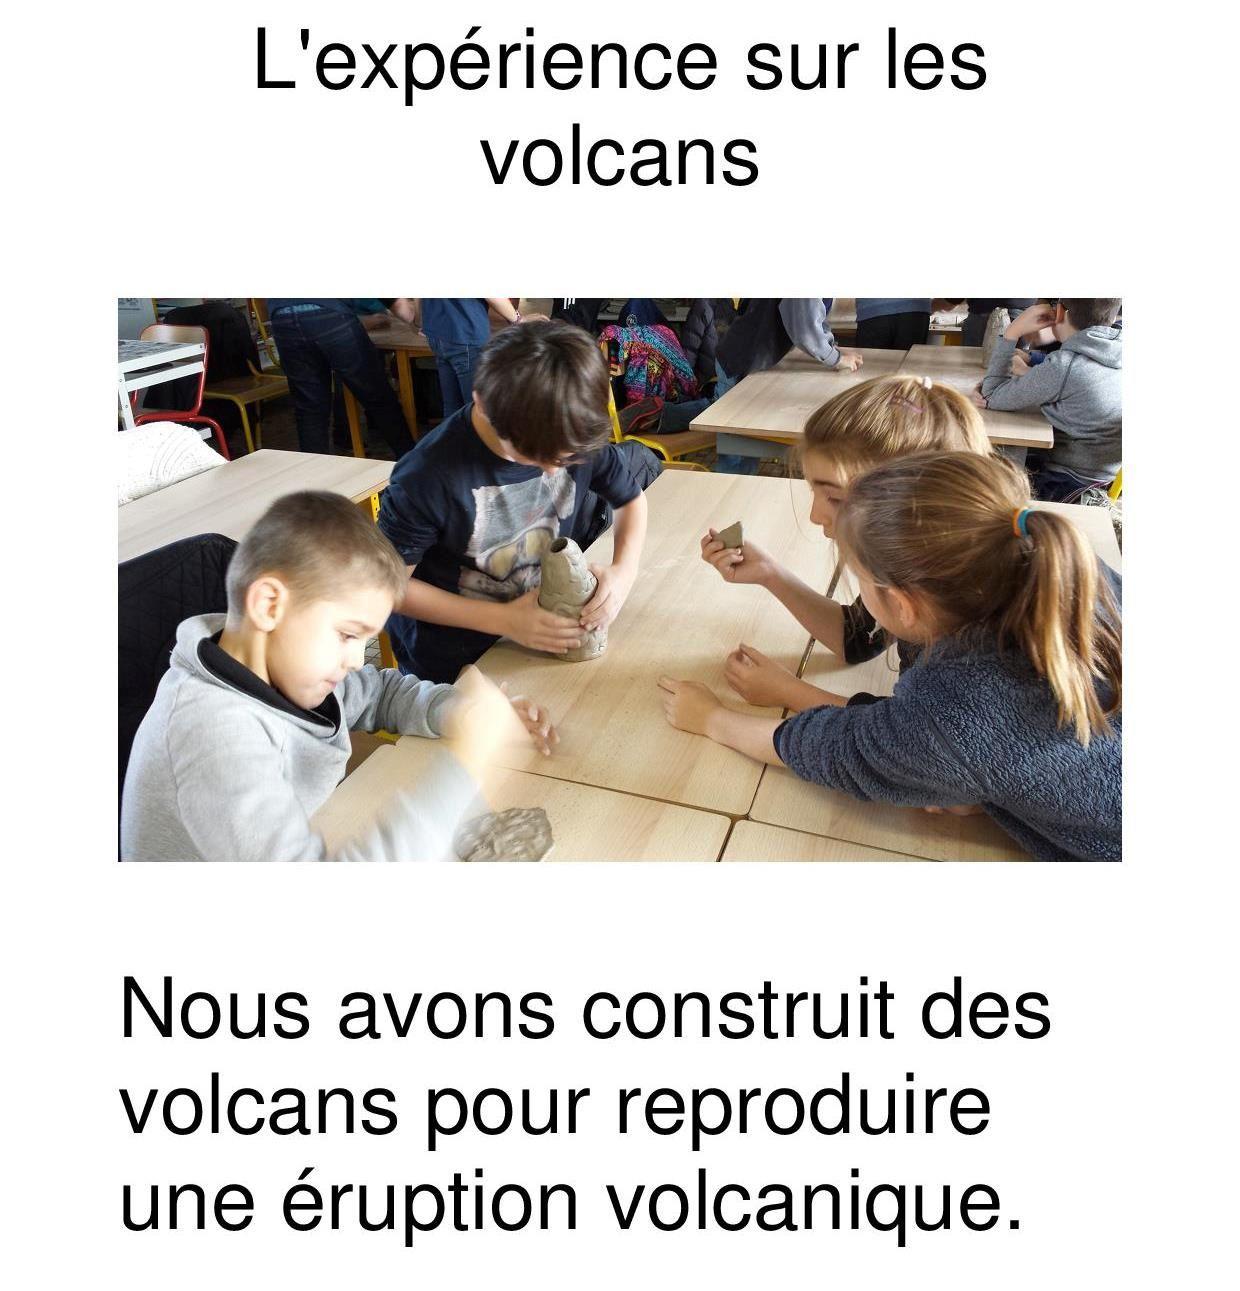 L'expérience sur les volcans